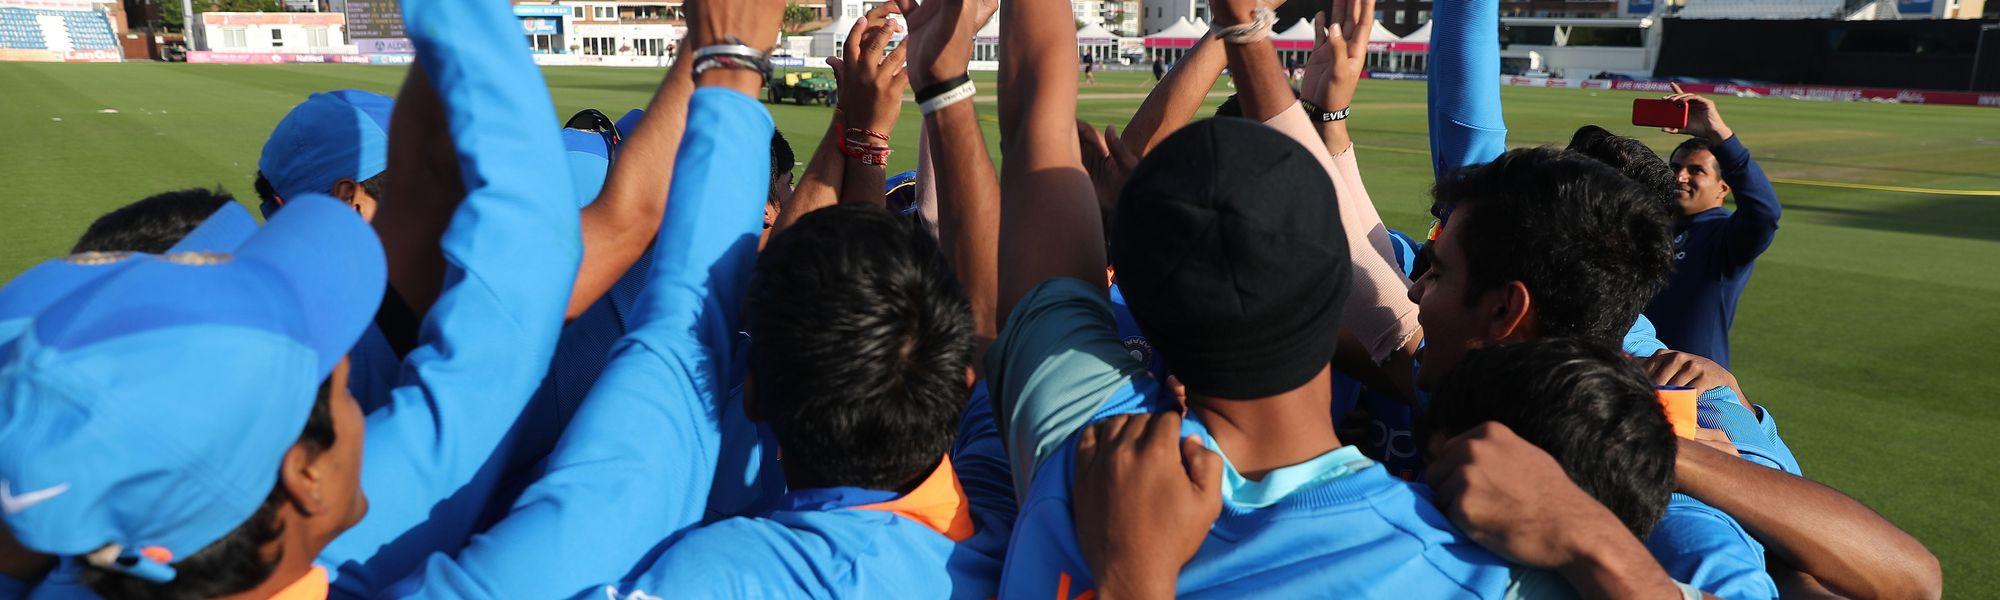 India Under 19